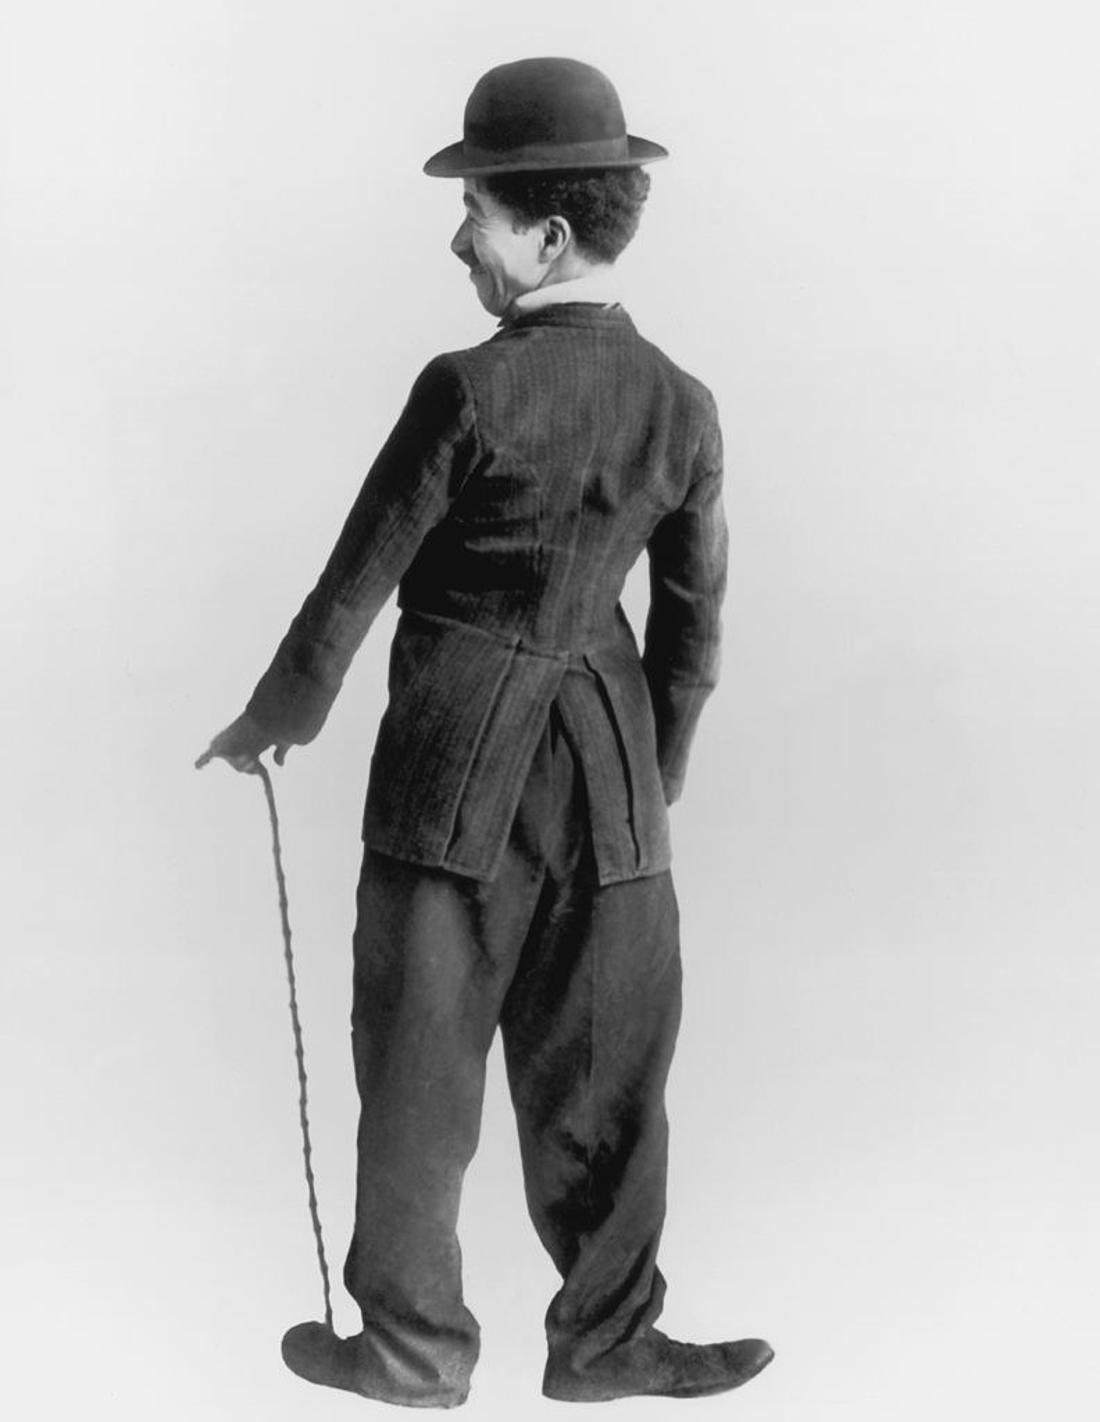 Campscinemus charliechaplini erhielt ihren Namen, da sich, wenn sie stirbt, ihre Beine säbelartig verkrümmen – in ähnlicher Weise, wie der Schauspieler stand.